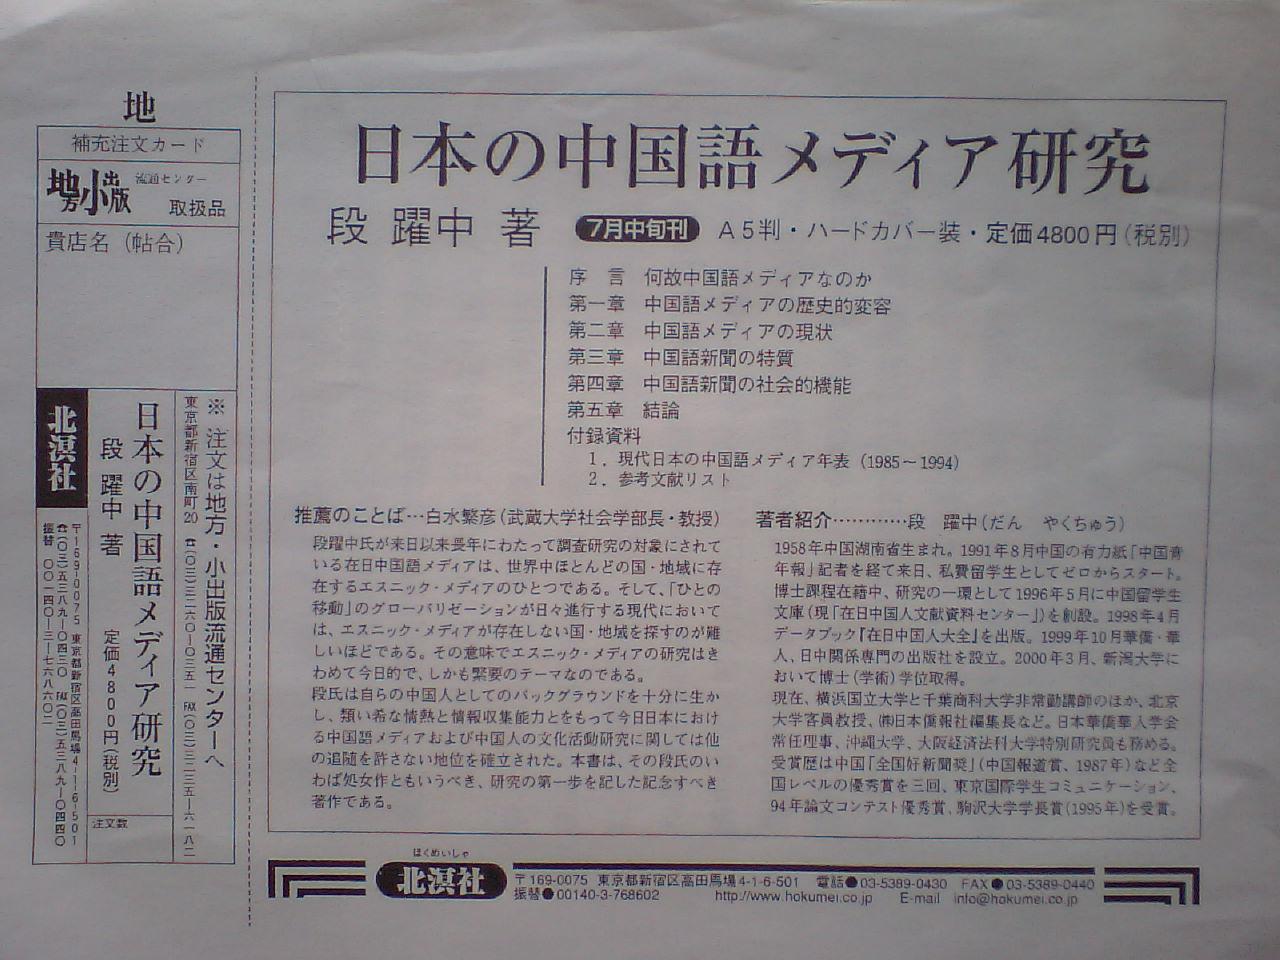 拙著『日本の中国語メディア研究』のチラシ 北溟社より_d0027795_16354672.jpg